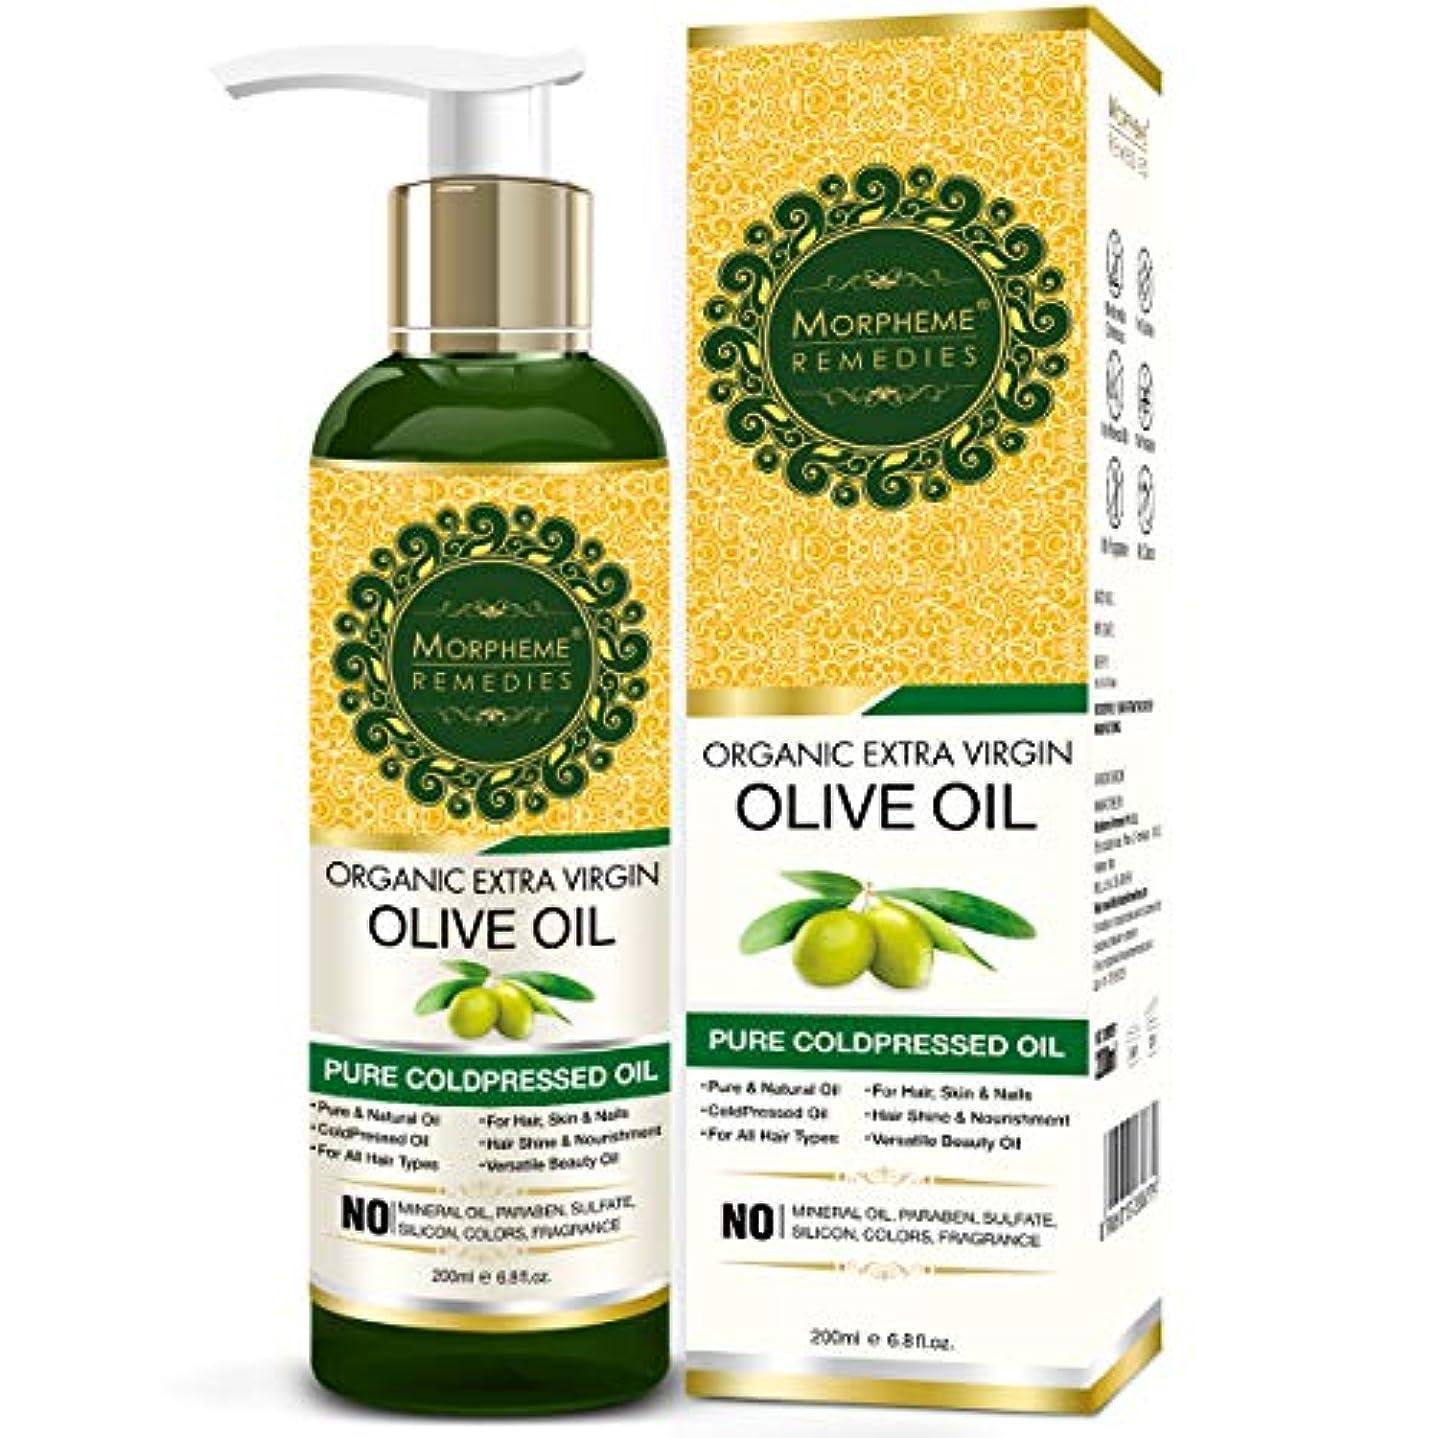 セラフ庭園足枷Morpheme Remedies Organic Extra Virgin Olive Oil (Pure ColdPressed Oil) For Hair, Body, Skin Care, Massage, Eyelashes...